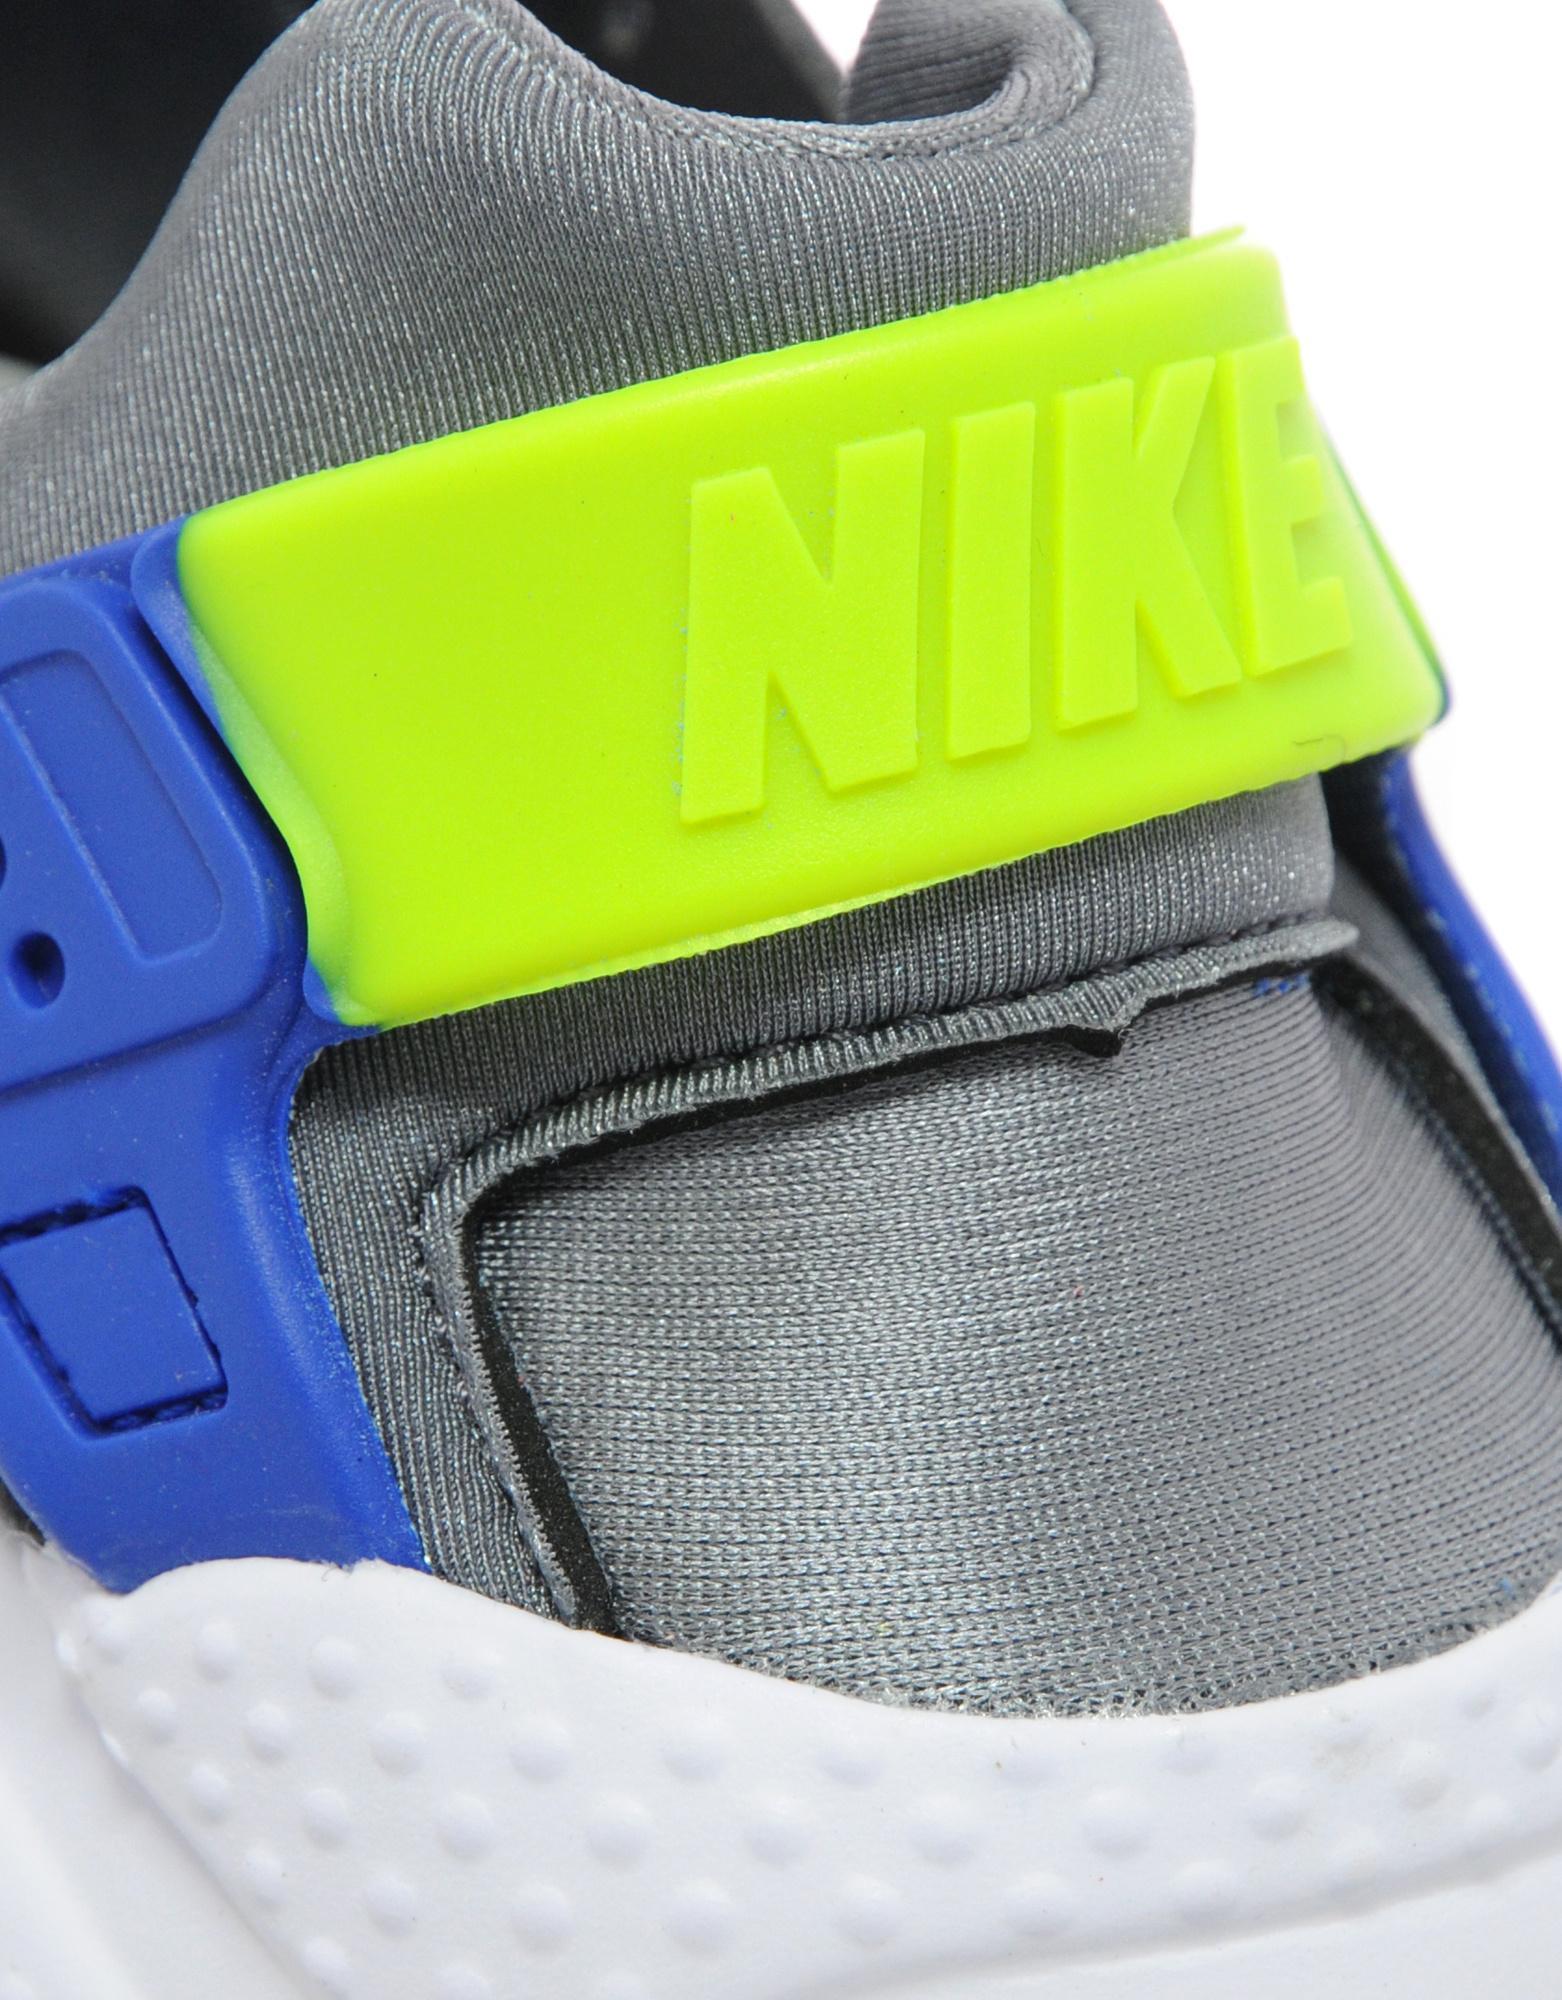 Nike Air Huarache Junior Size 4